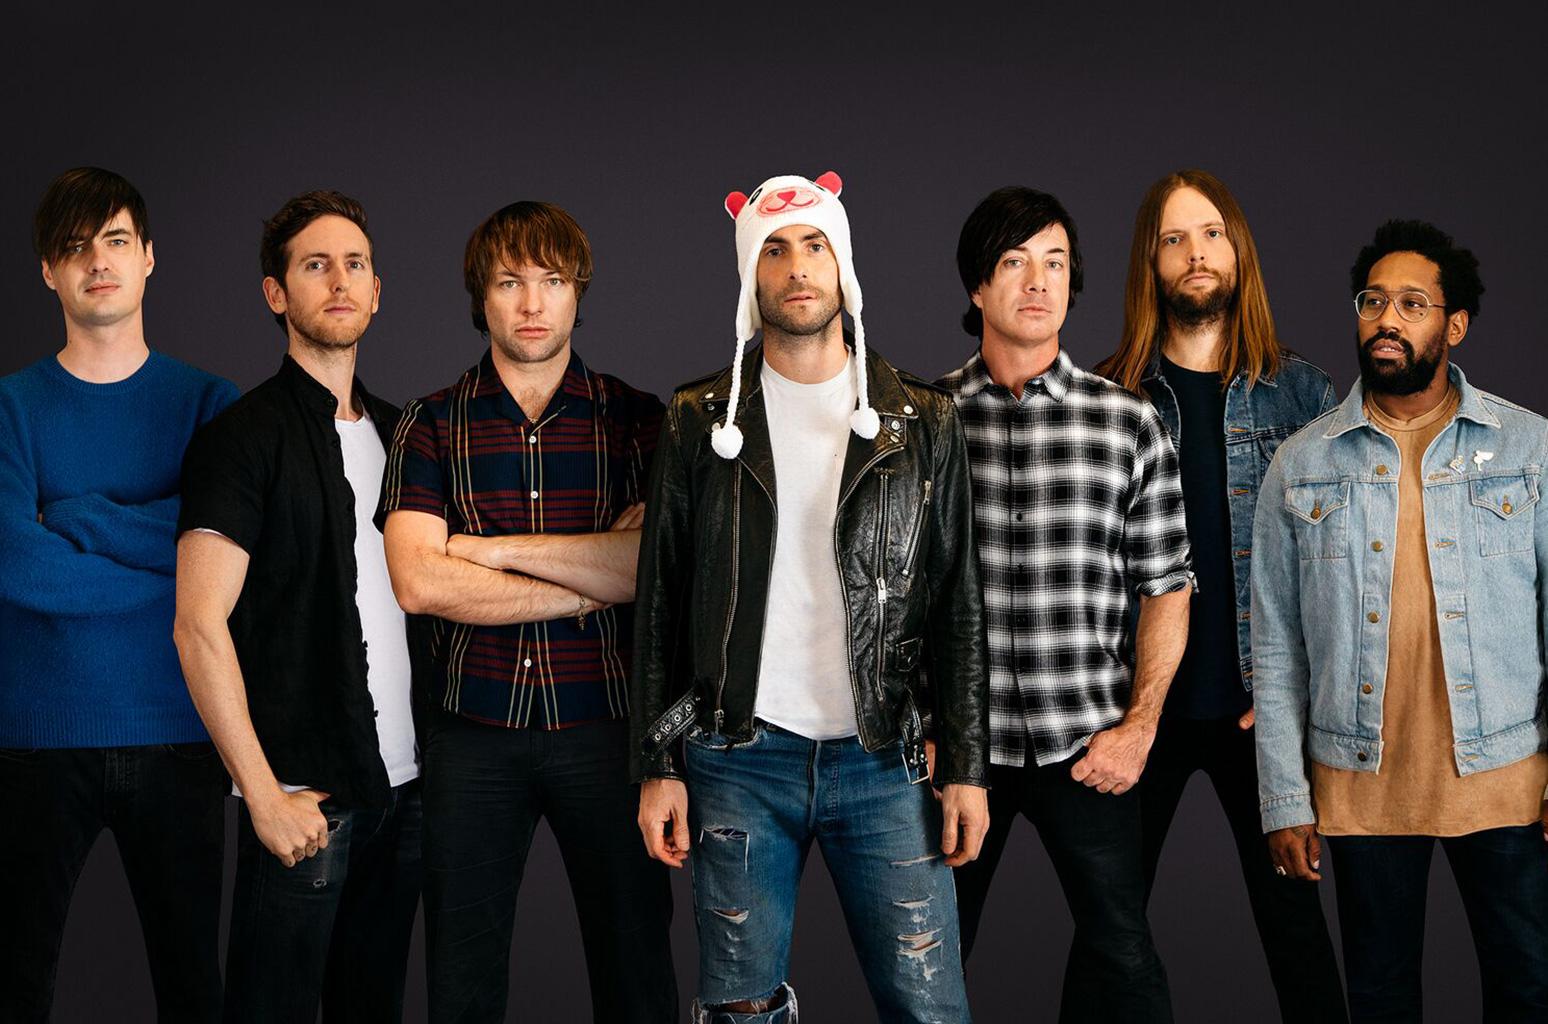 Kisah Maroon 5 Yang Banyak Orang Tidak Mengetahui